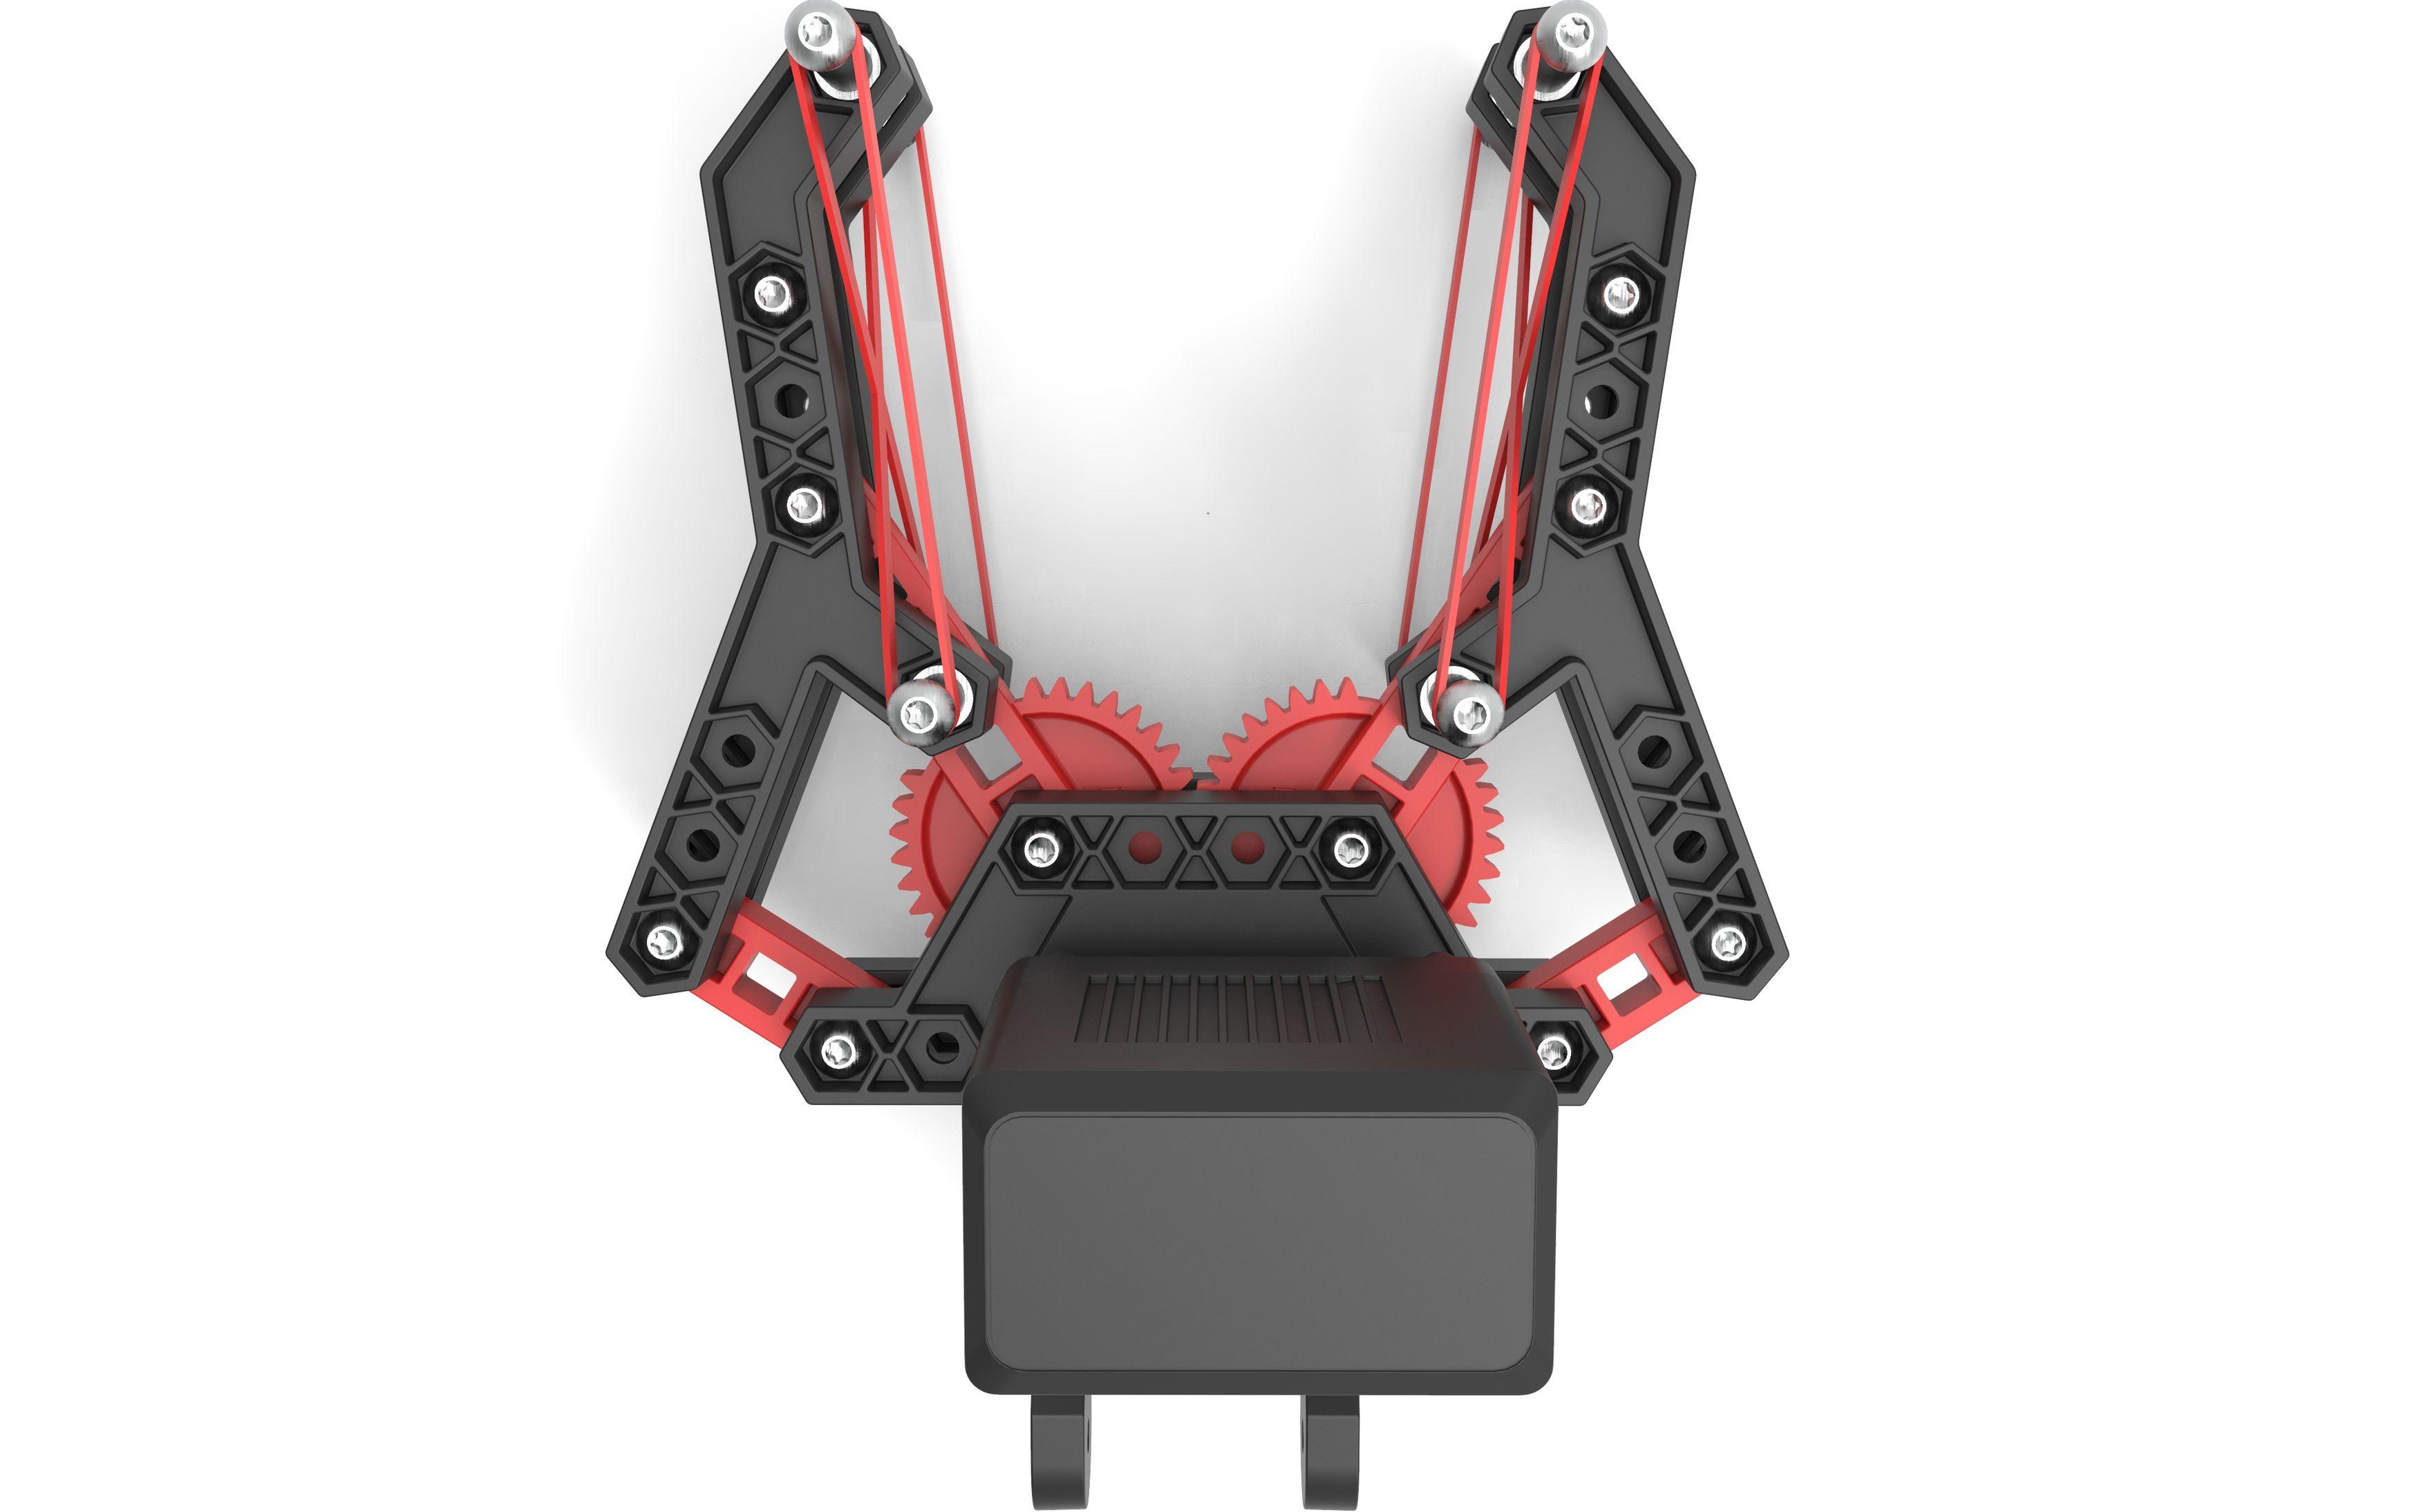 Vex-robotics-v5-design-fabrica-de-nerdes-5-3500-3500